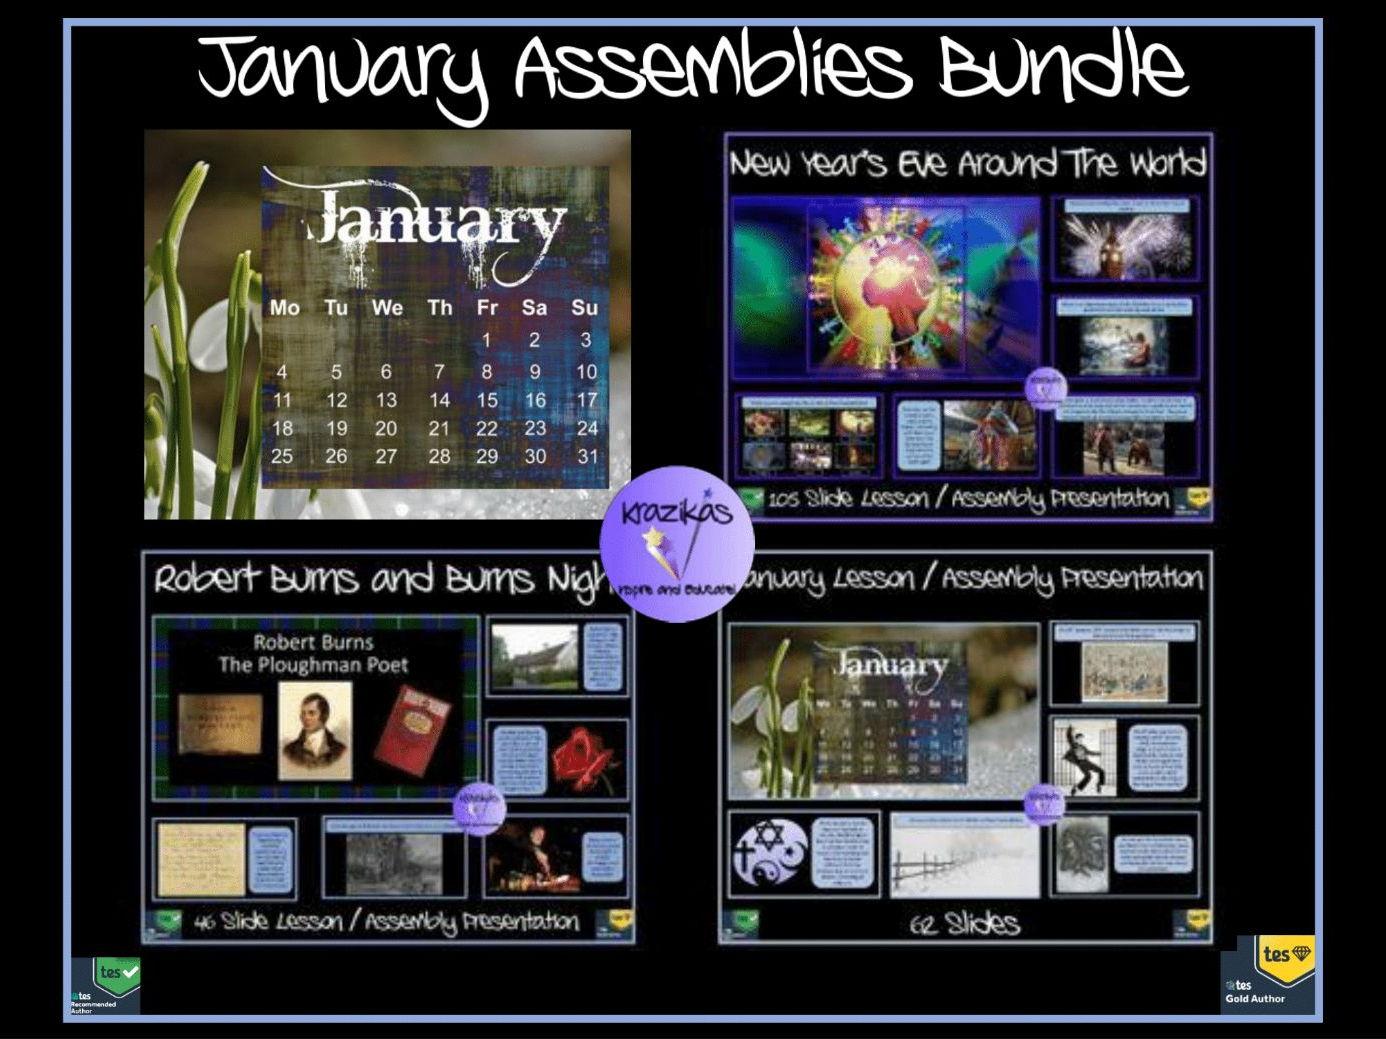 January Assembly Presentations Bundle